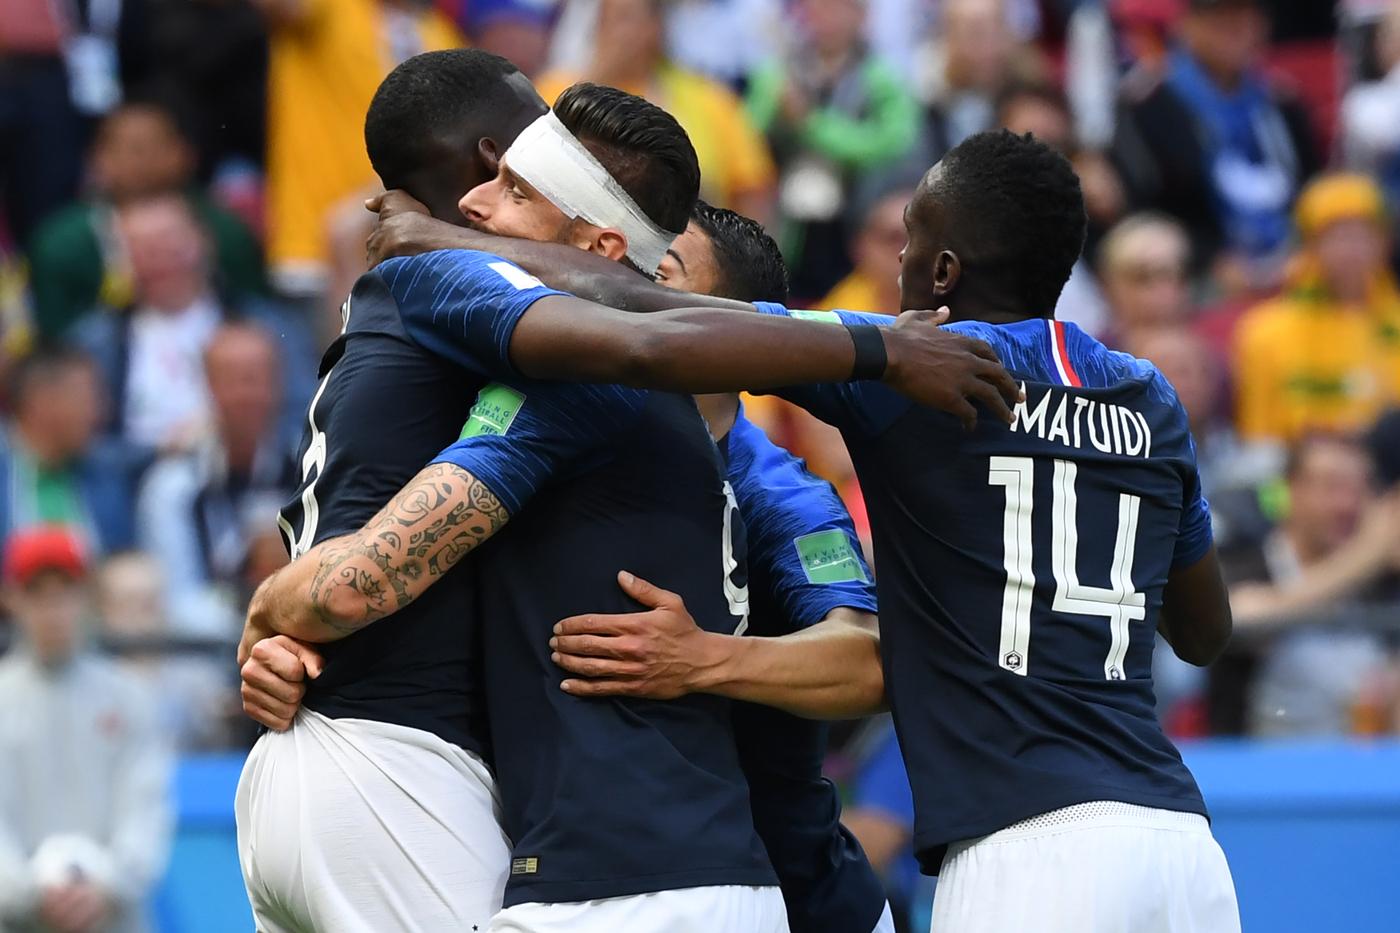 Francia-Argentina sabato 30 giugno, analisi e pronostico ottavi di finale Mondiali Russia 2018